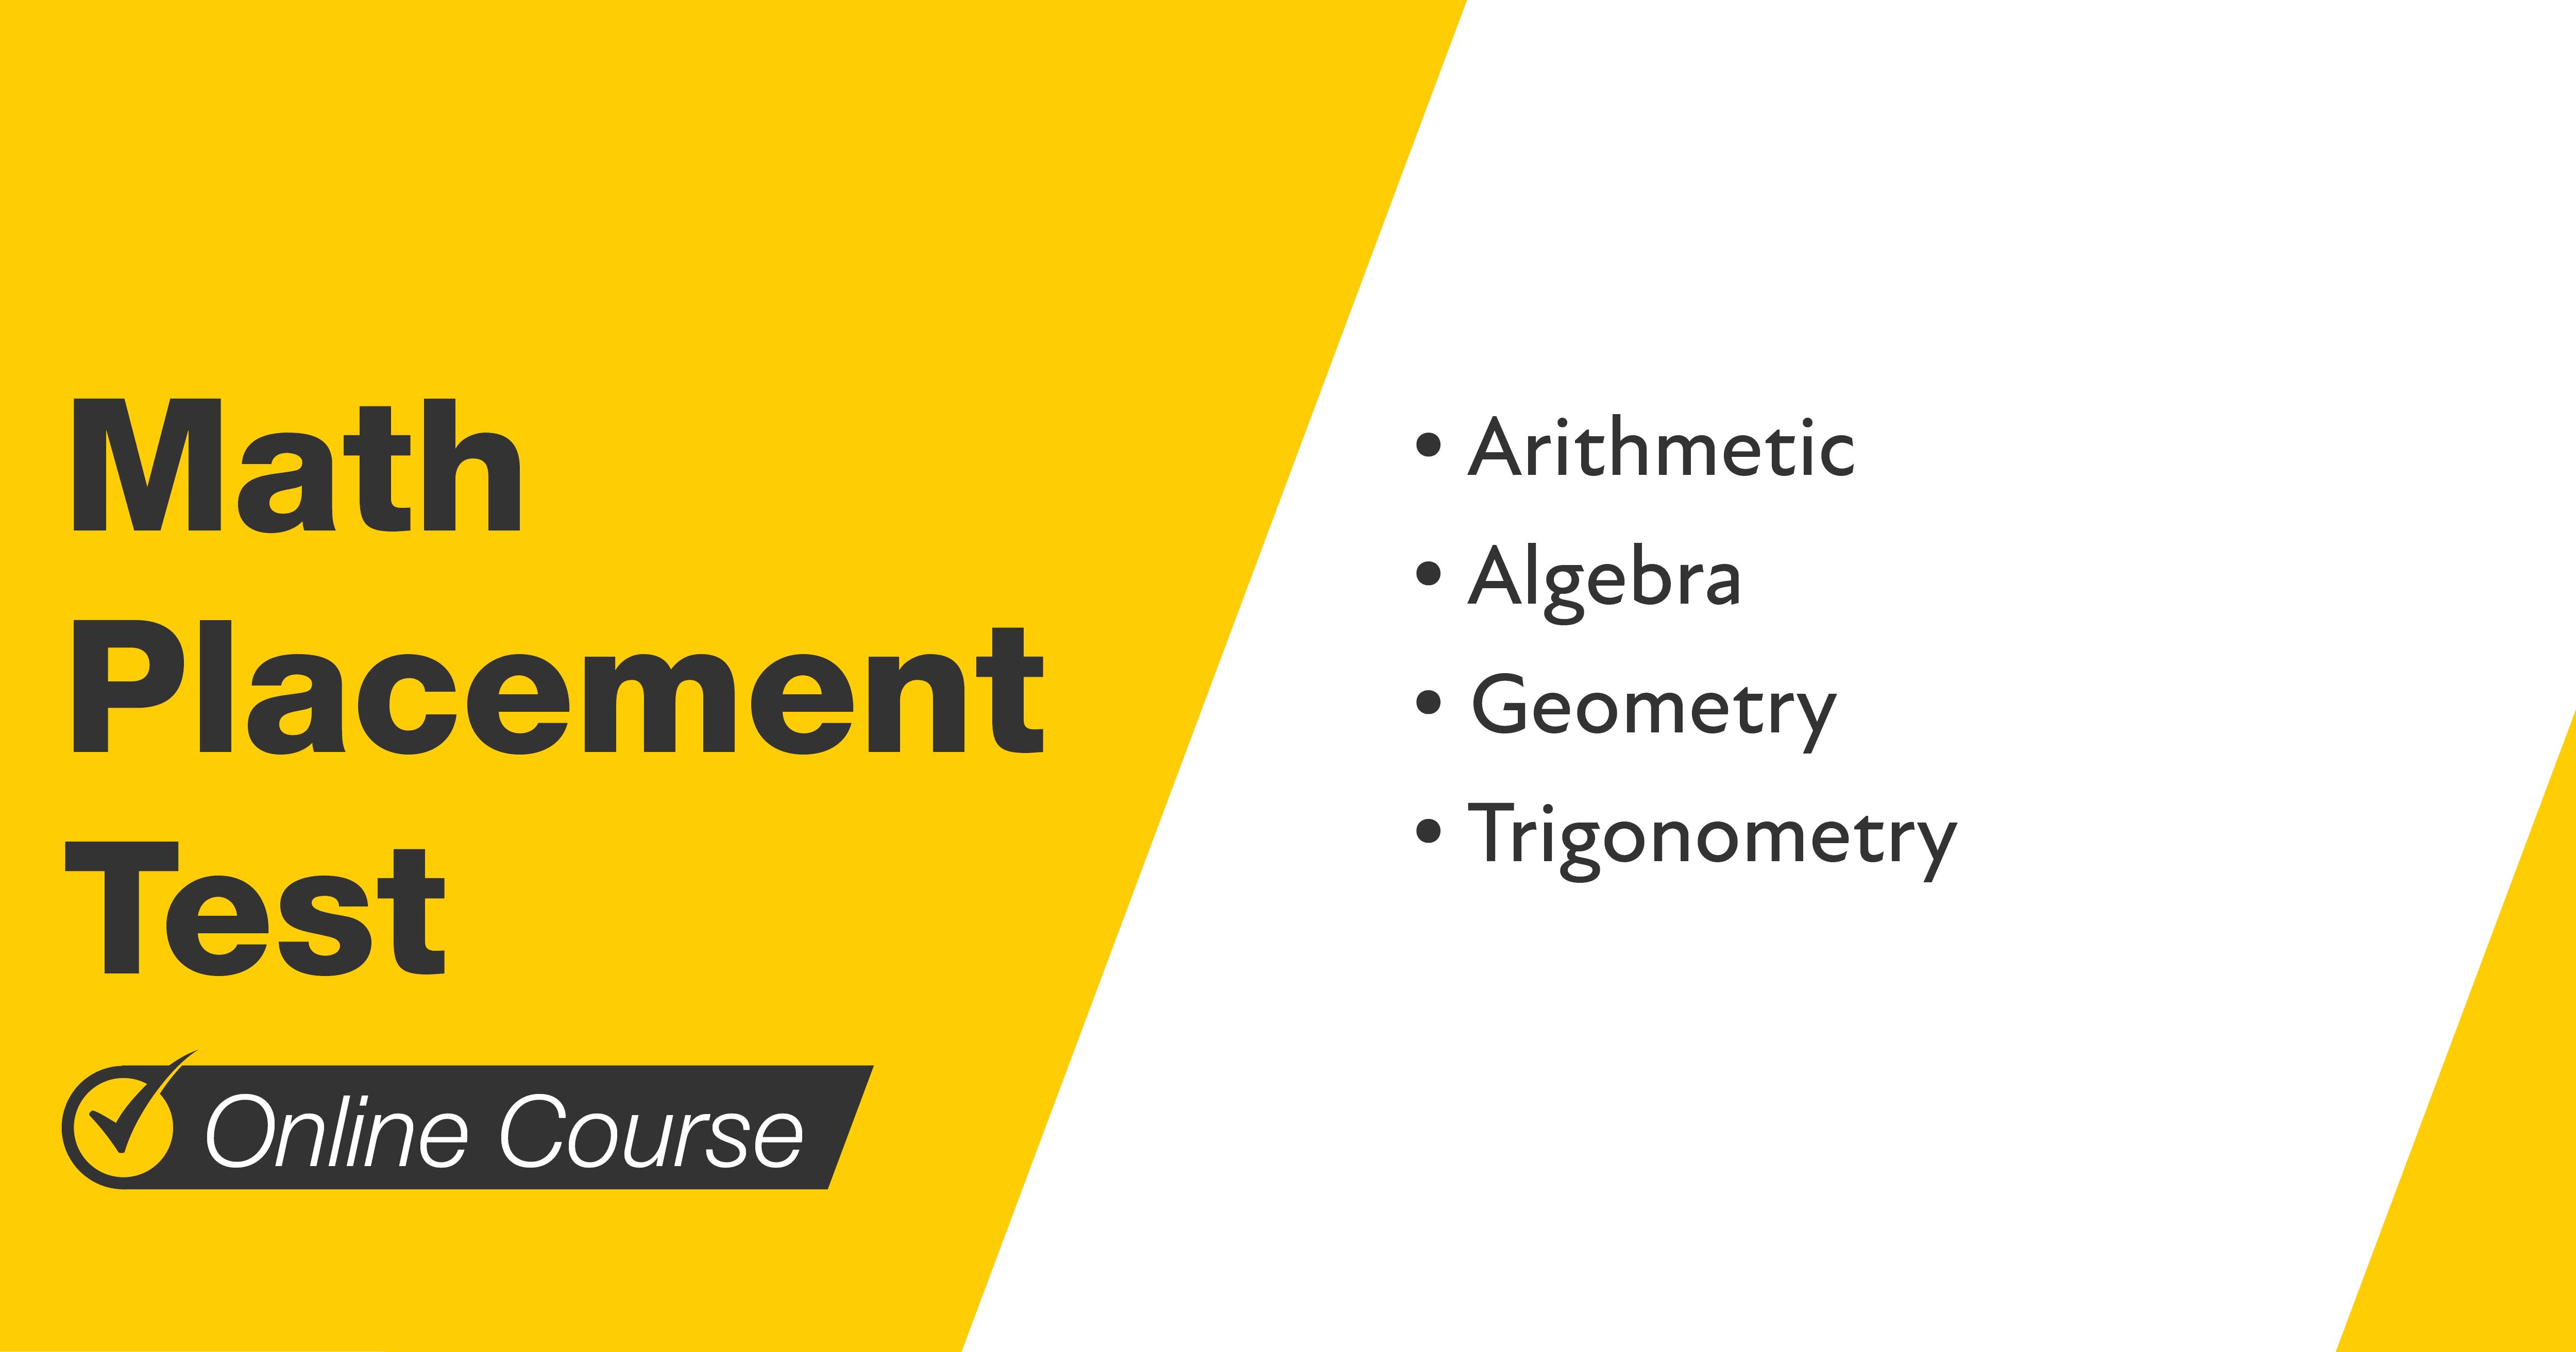 Mometrix Math Placement Test Course